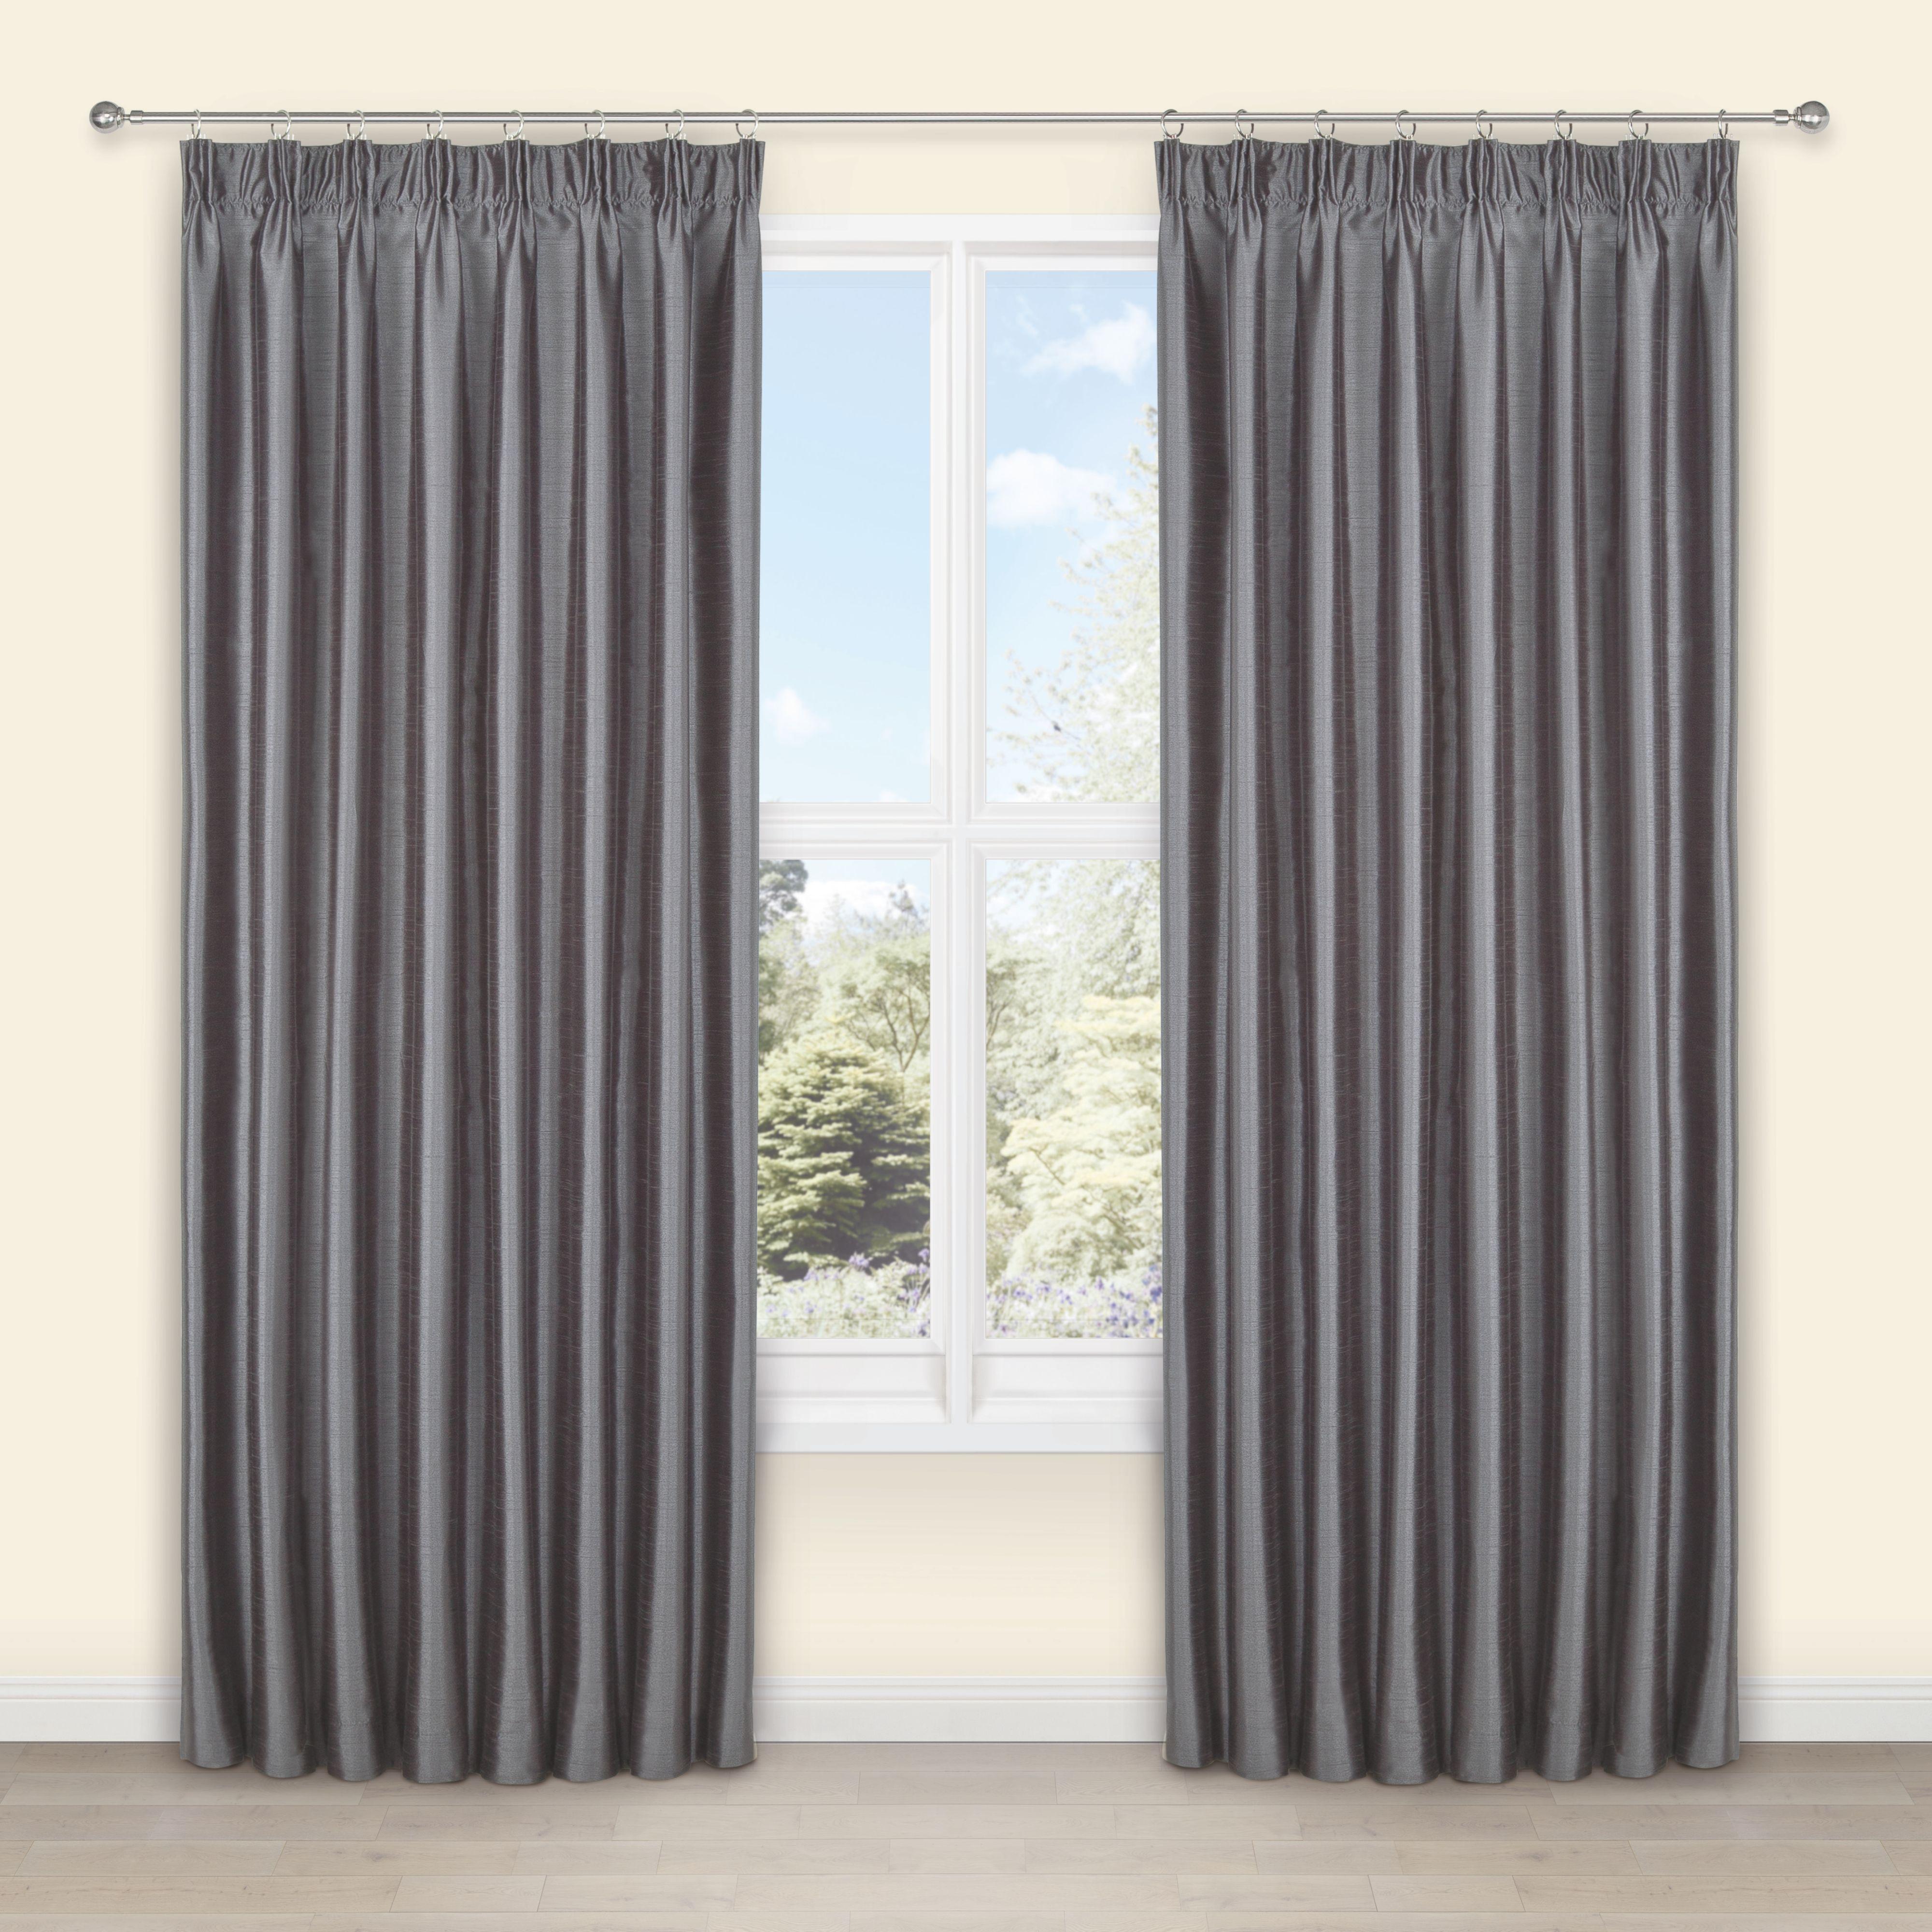 Villula Anthracite Plain Faux Silk Pencil Pleat Lined Curtains W